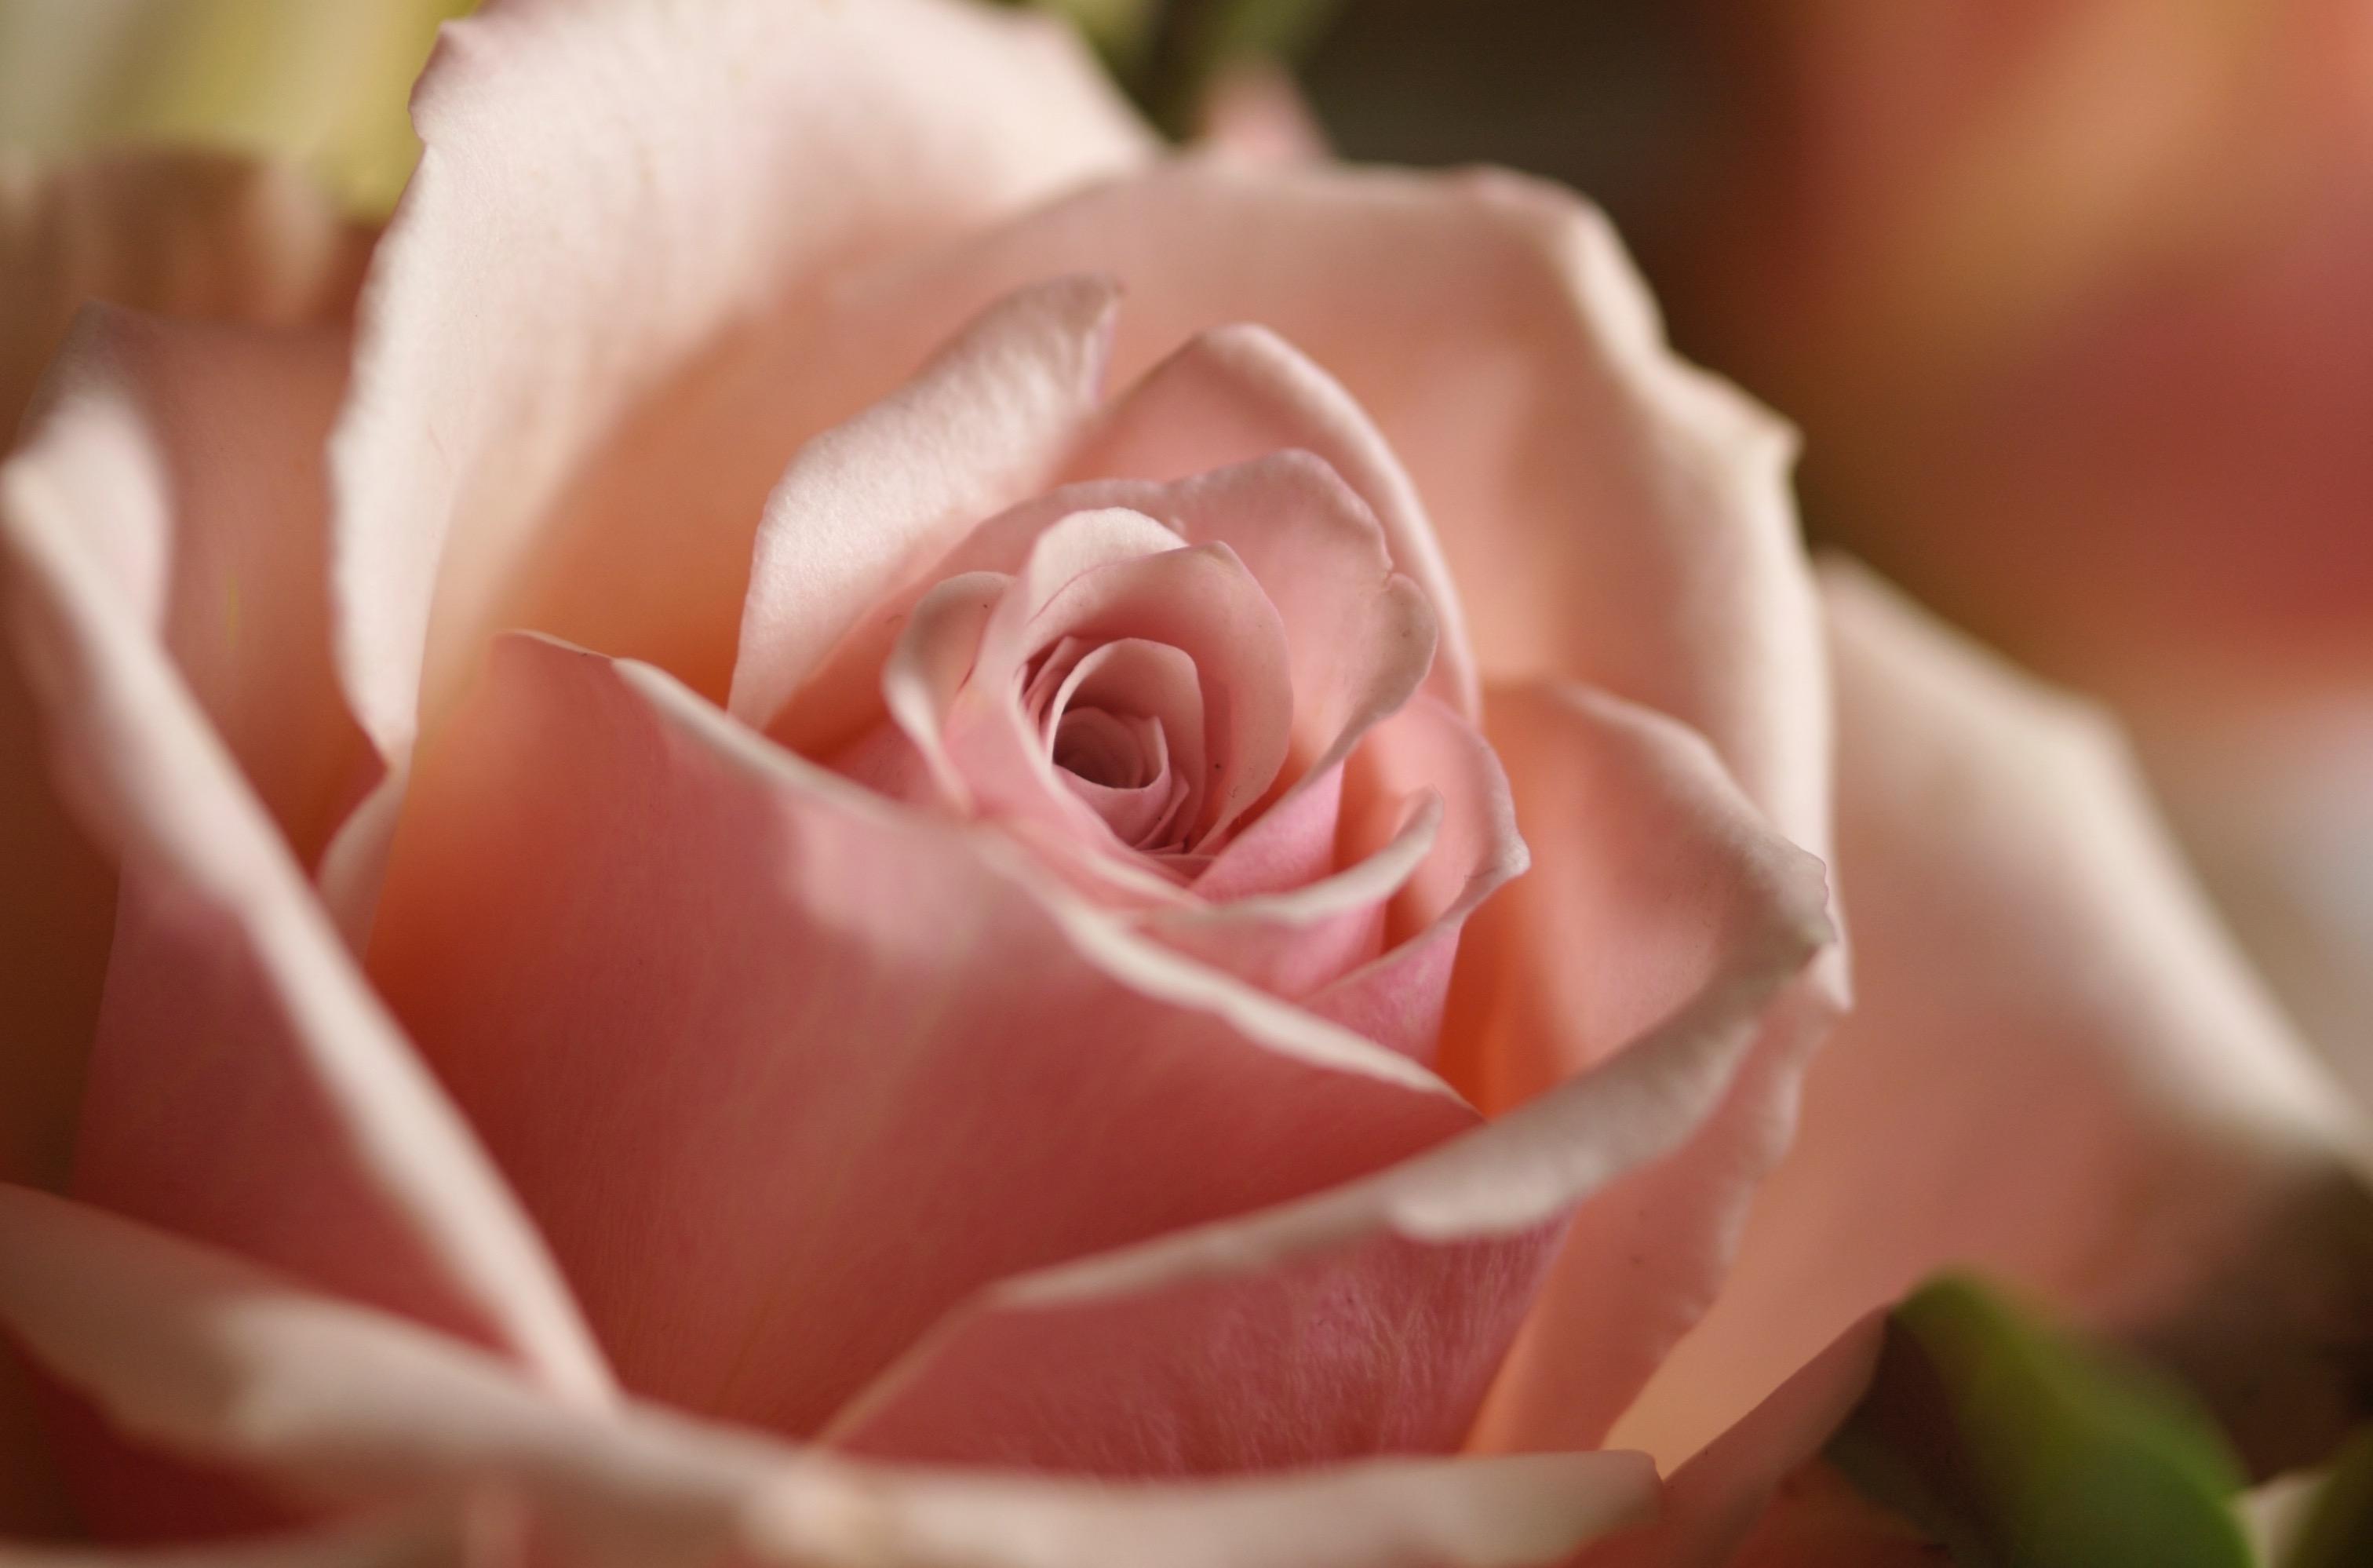 candida rosa